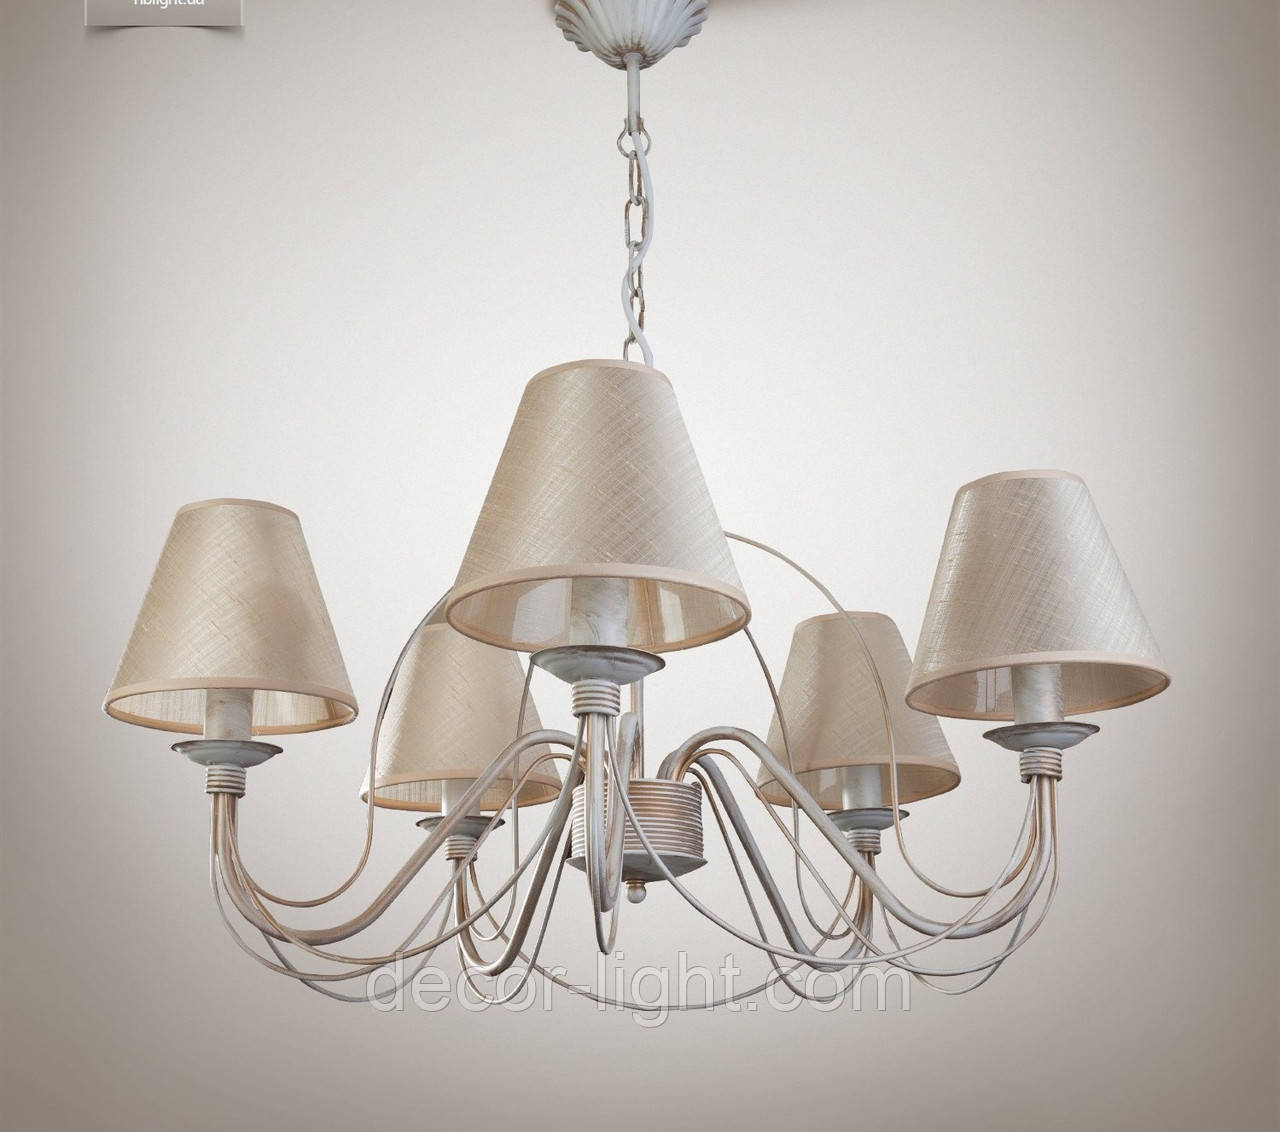 Люстра 5 ламповая для спальни, зала, большой комнаты с абажурами  18355-4